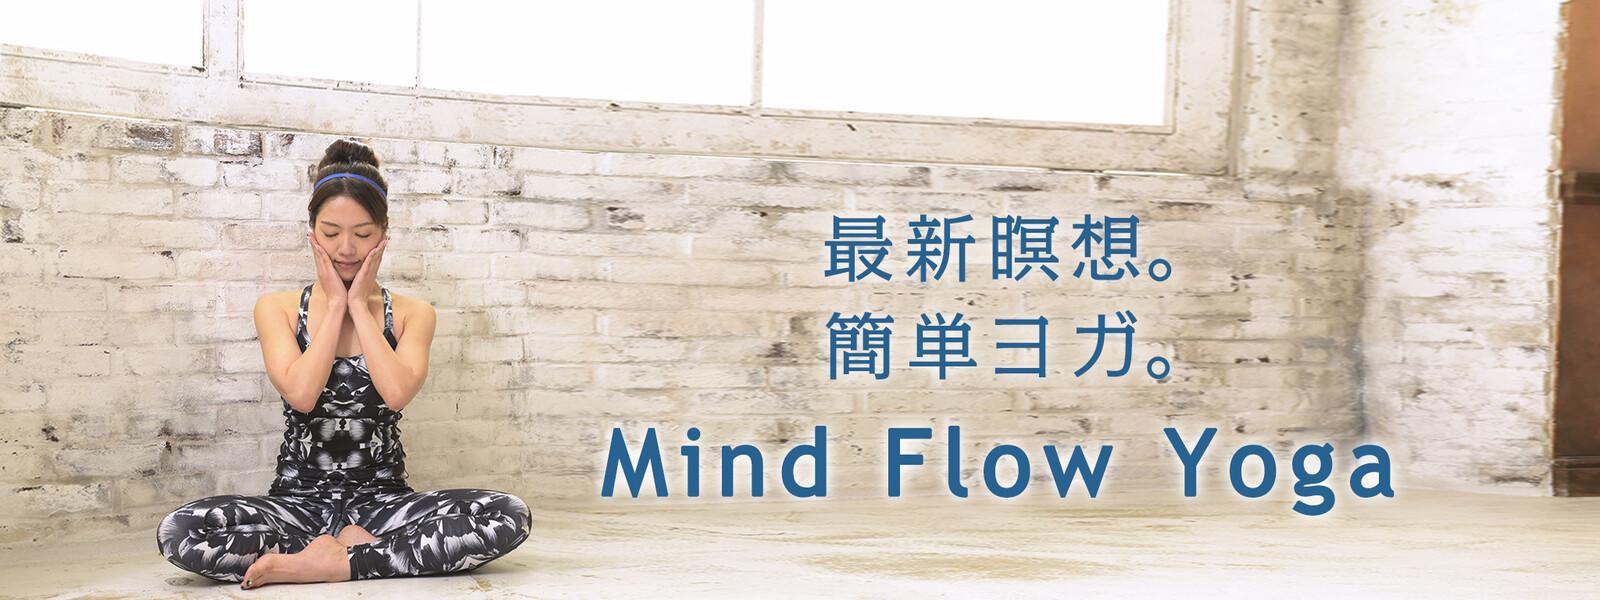 最新瞑想。簡単ヨガ。Mind Flow Yoga 動画